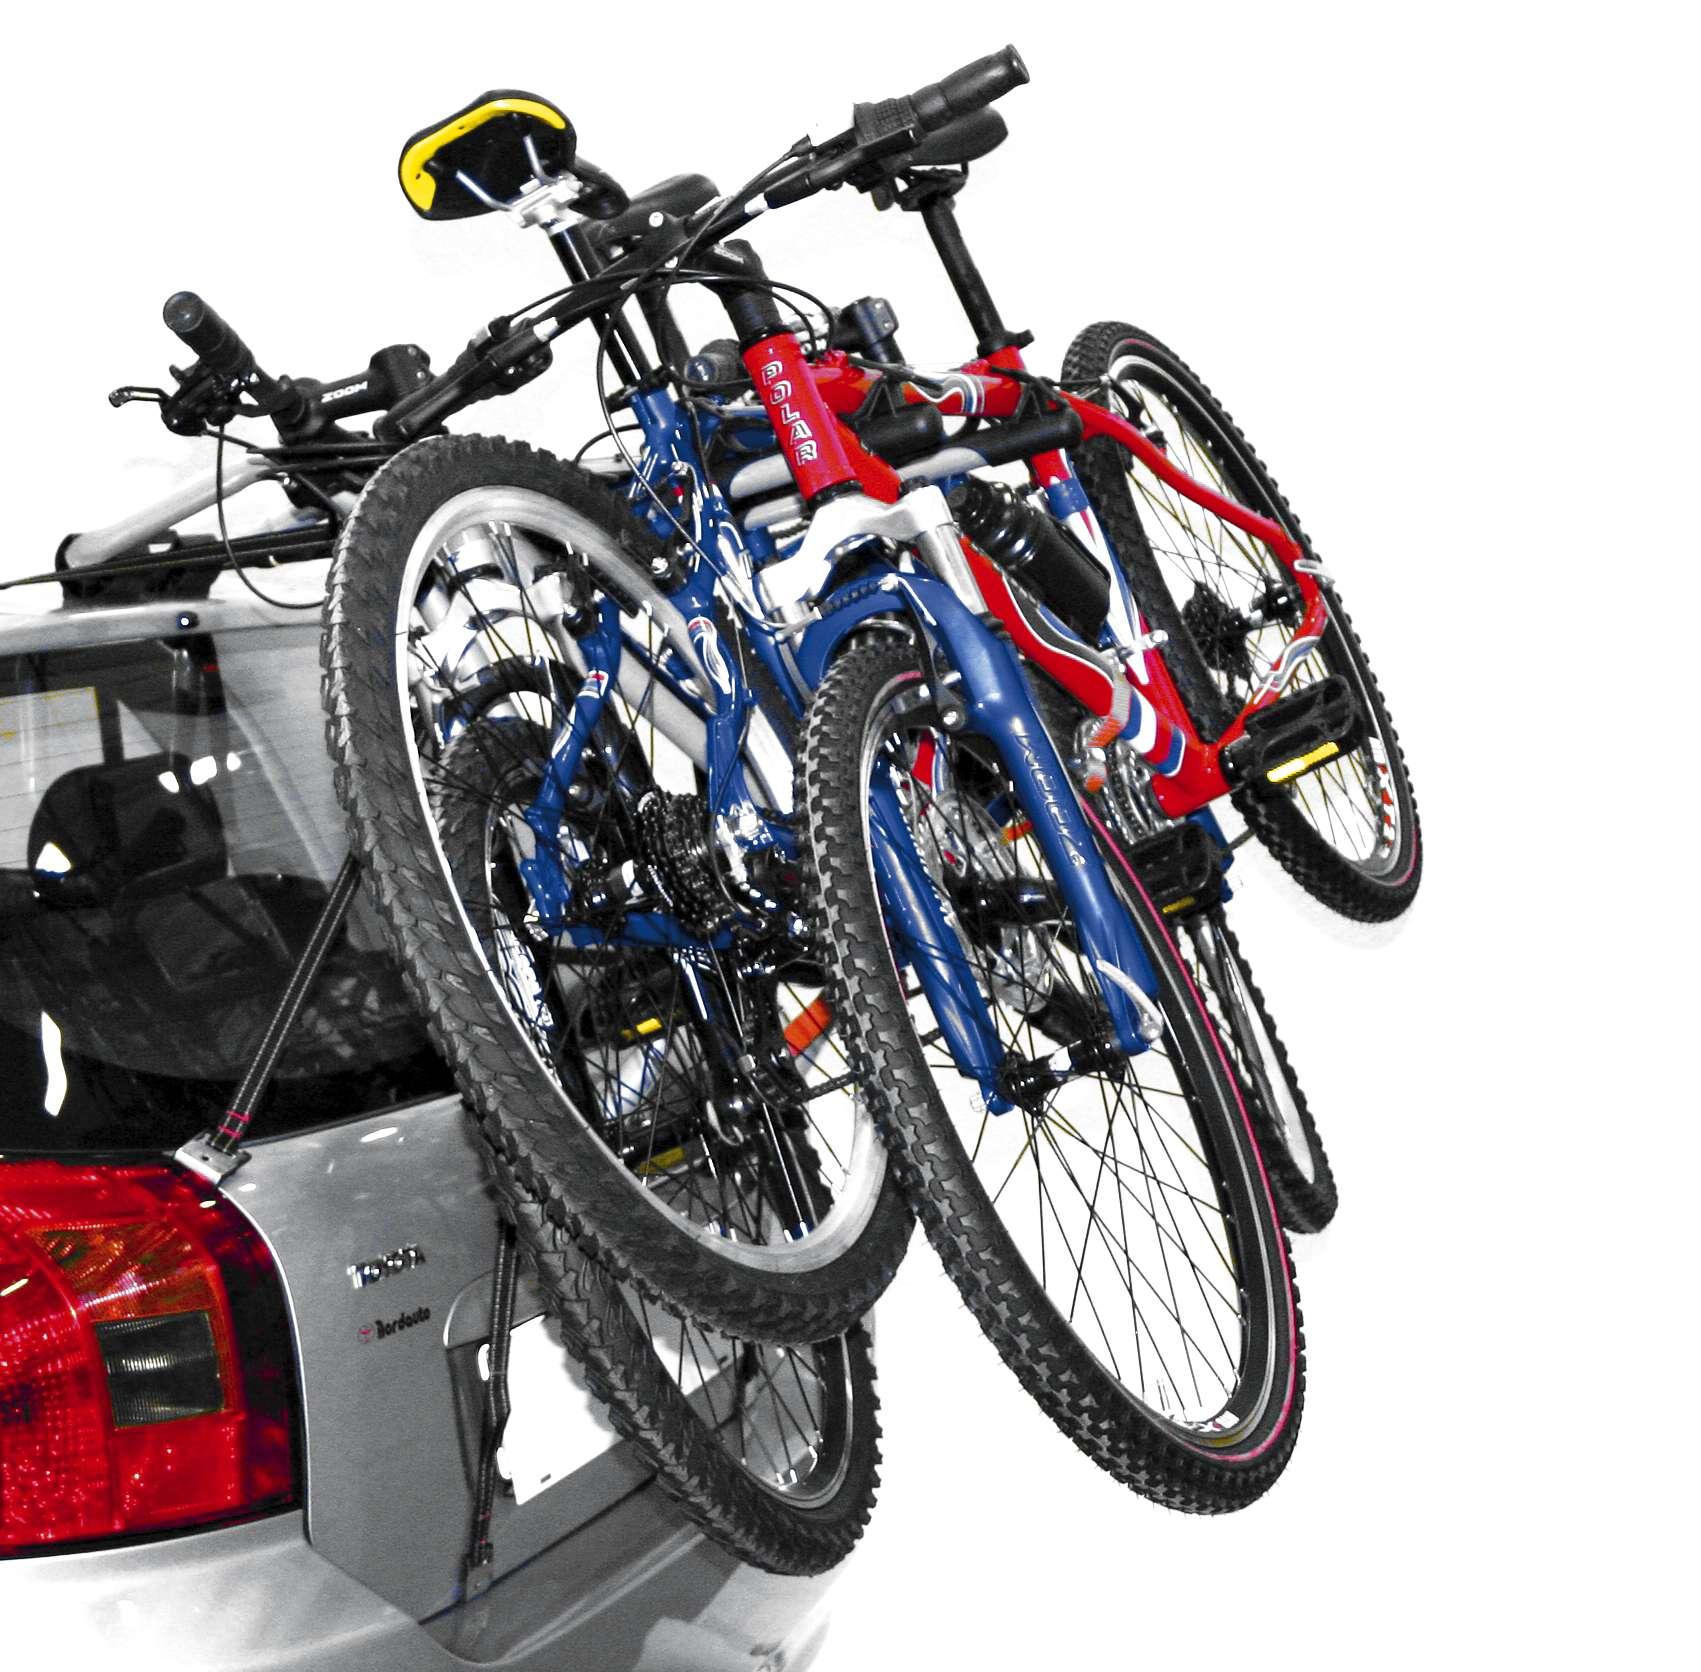 Porte Vélo Hayon Universel : portabici posteriore universale peruzzo venezia 3 bici colore grigio ebay ~ Melissatoandfro.com Idées de Décoration